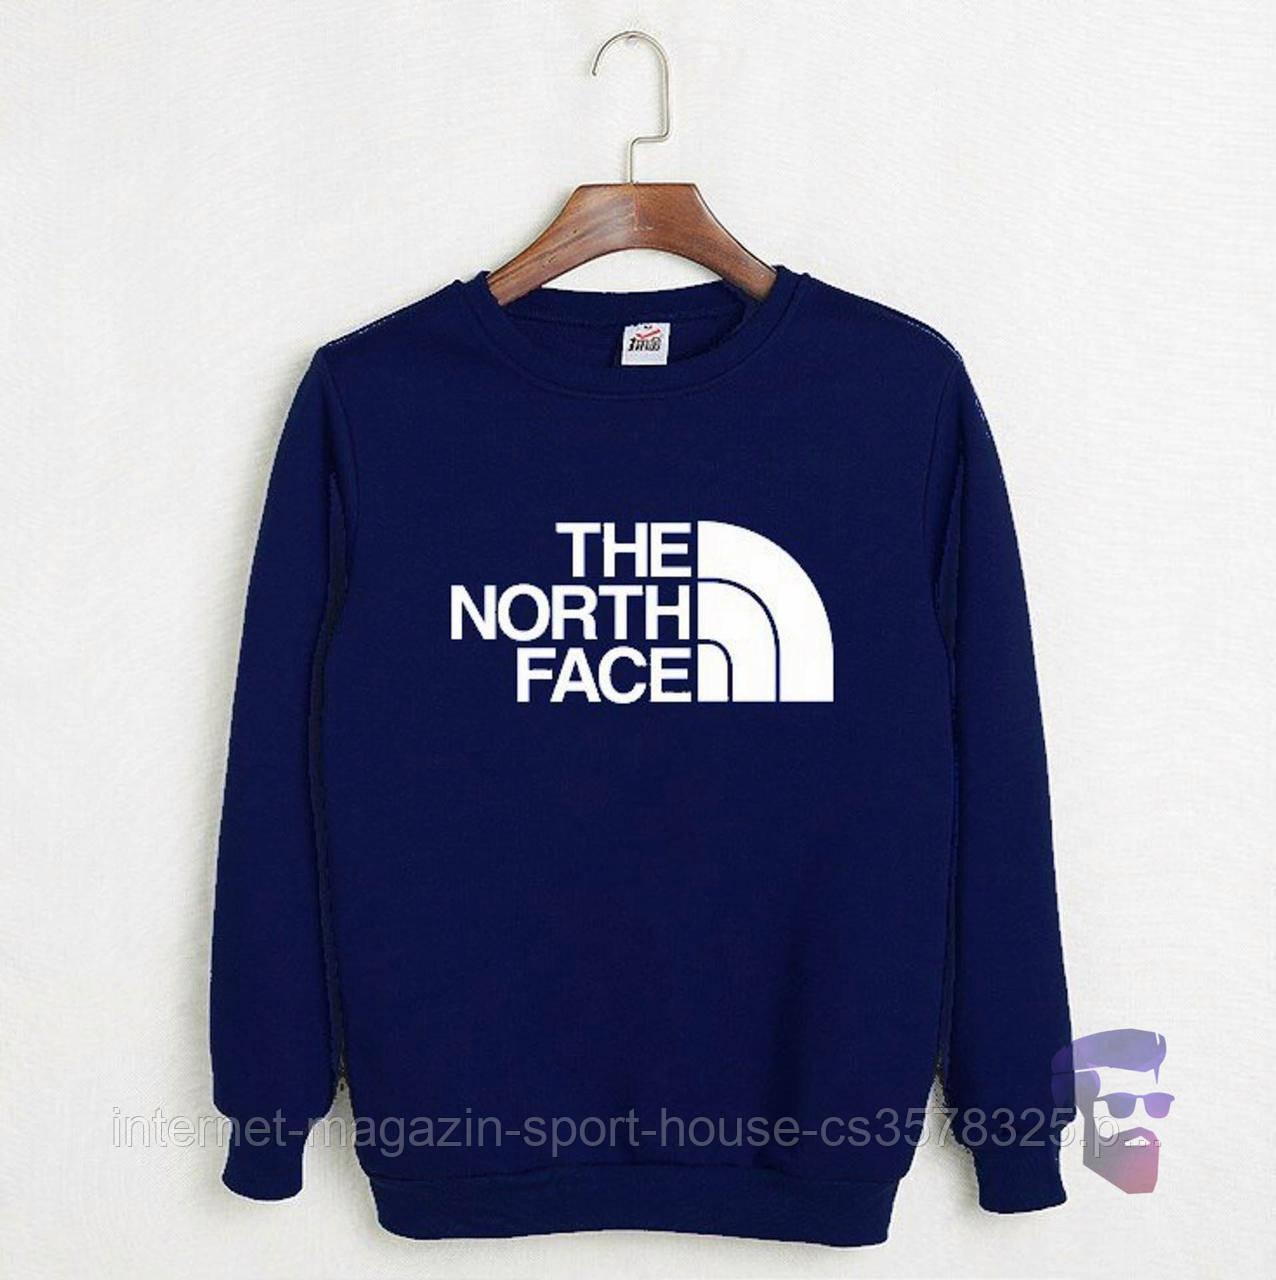 Мужской реглан спортивный Зе Норс Фейс (The North Face), трикотажный (на любой сезон), реплика